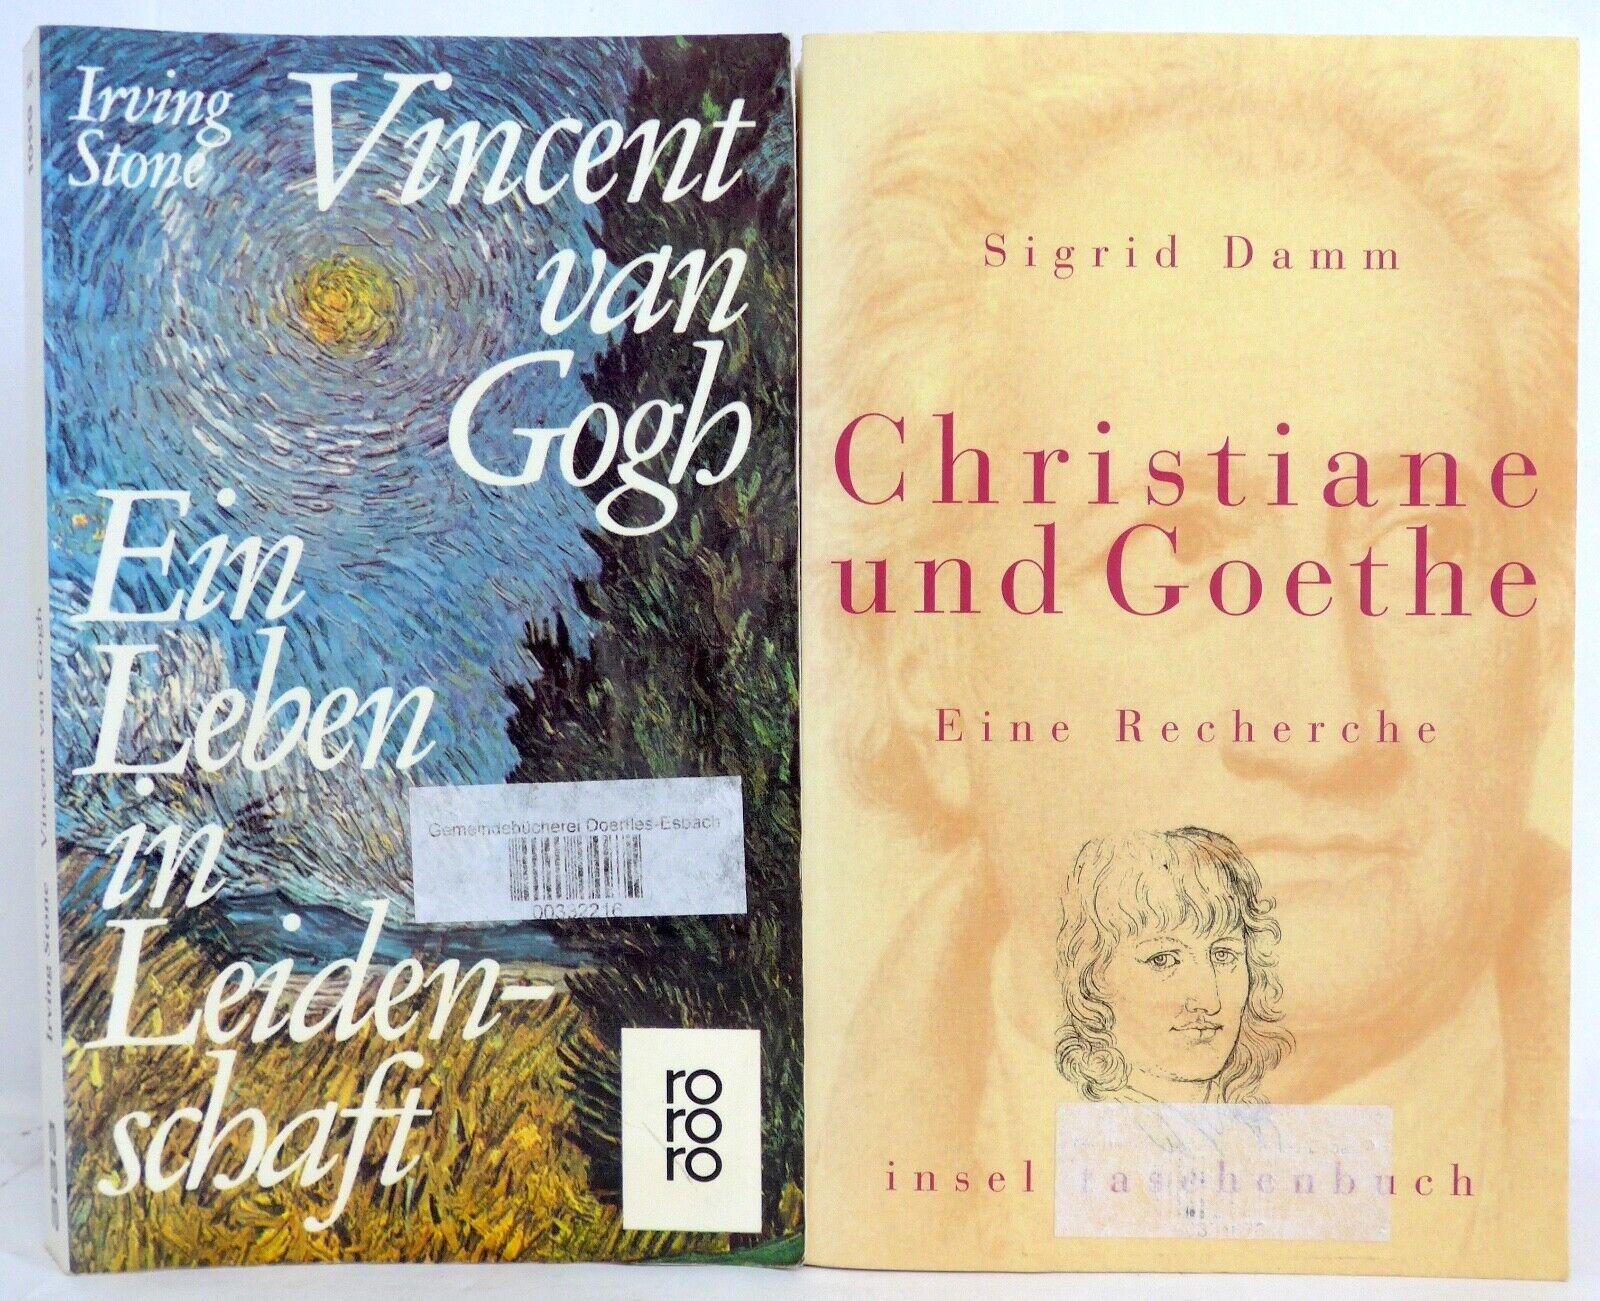 Vincent van Gogh, Irving Stone / Christiane und Goethe - eine Recherche